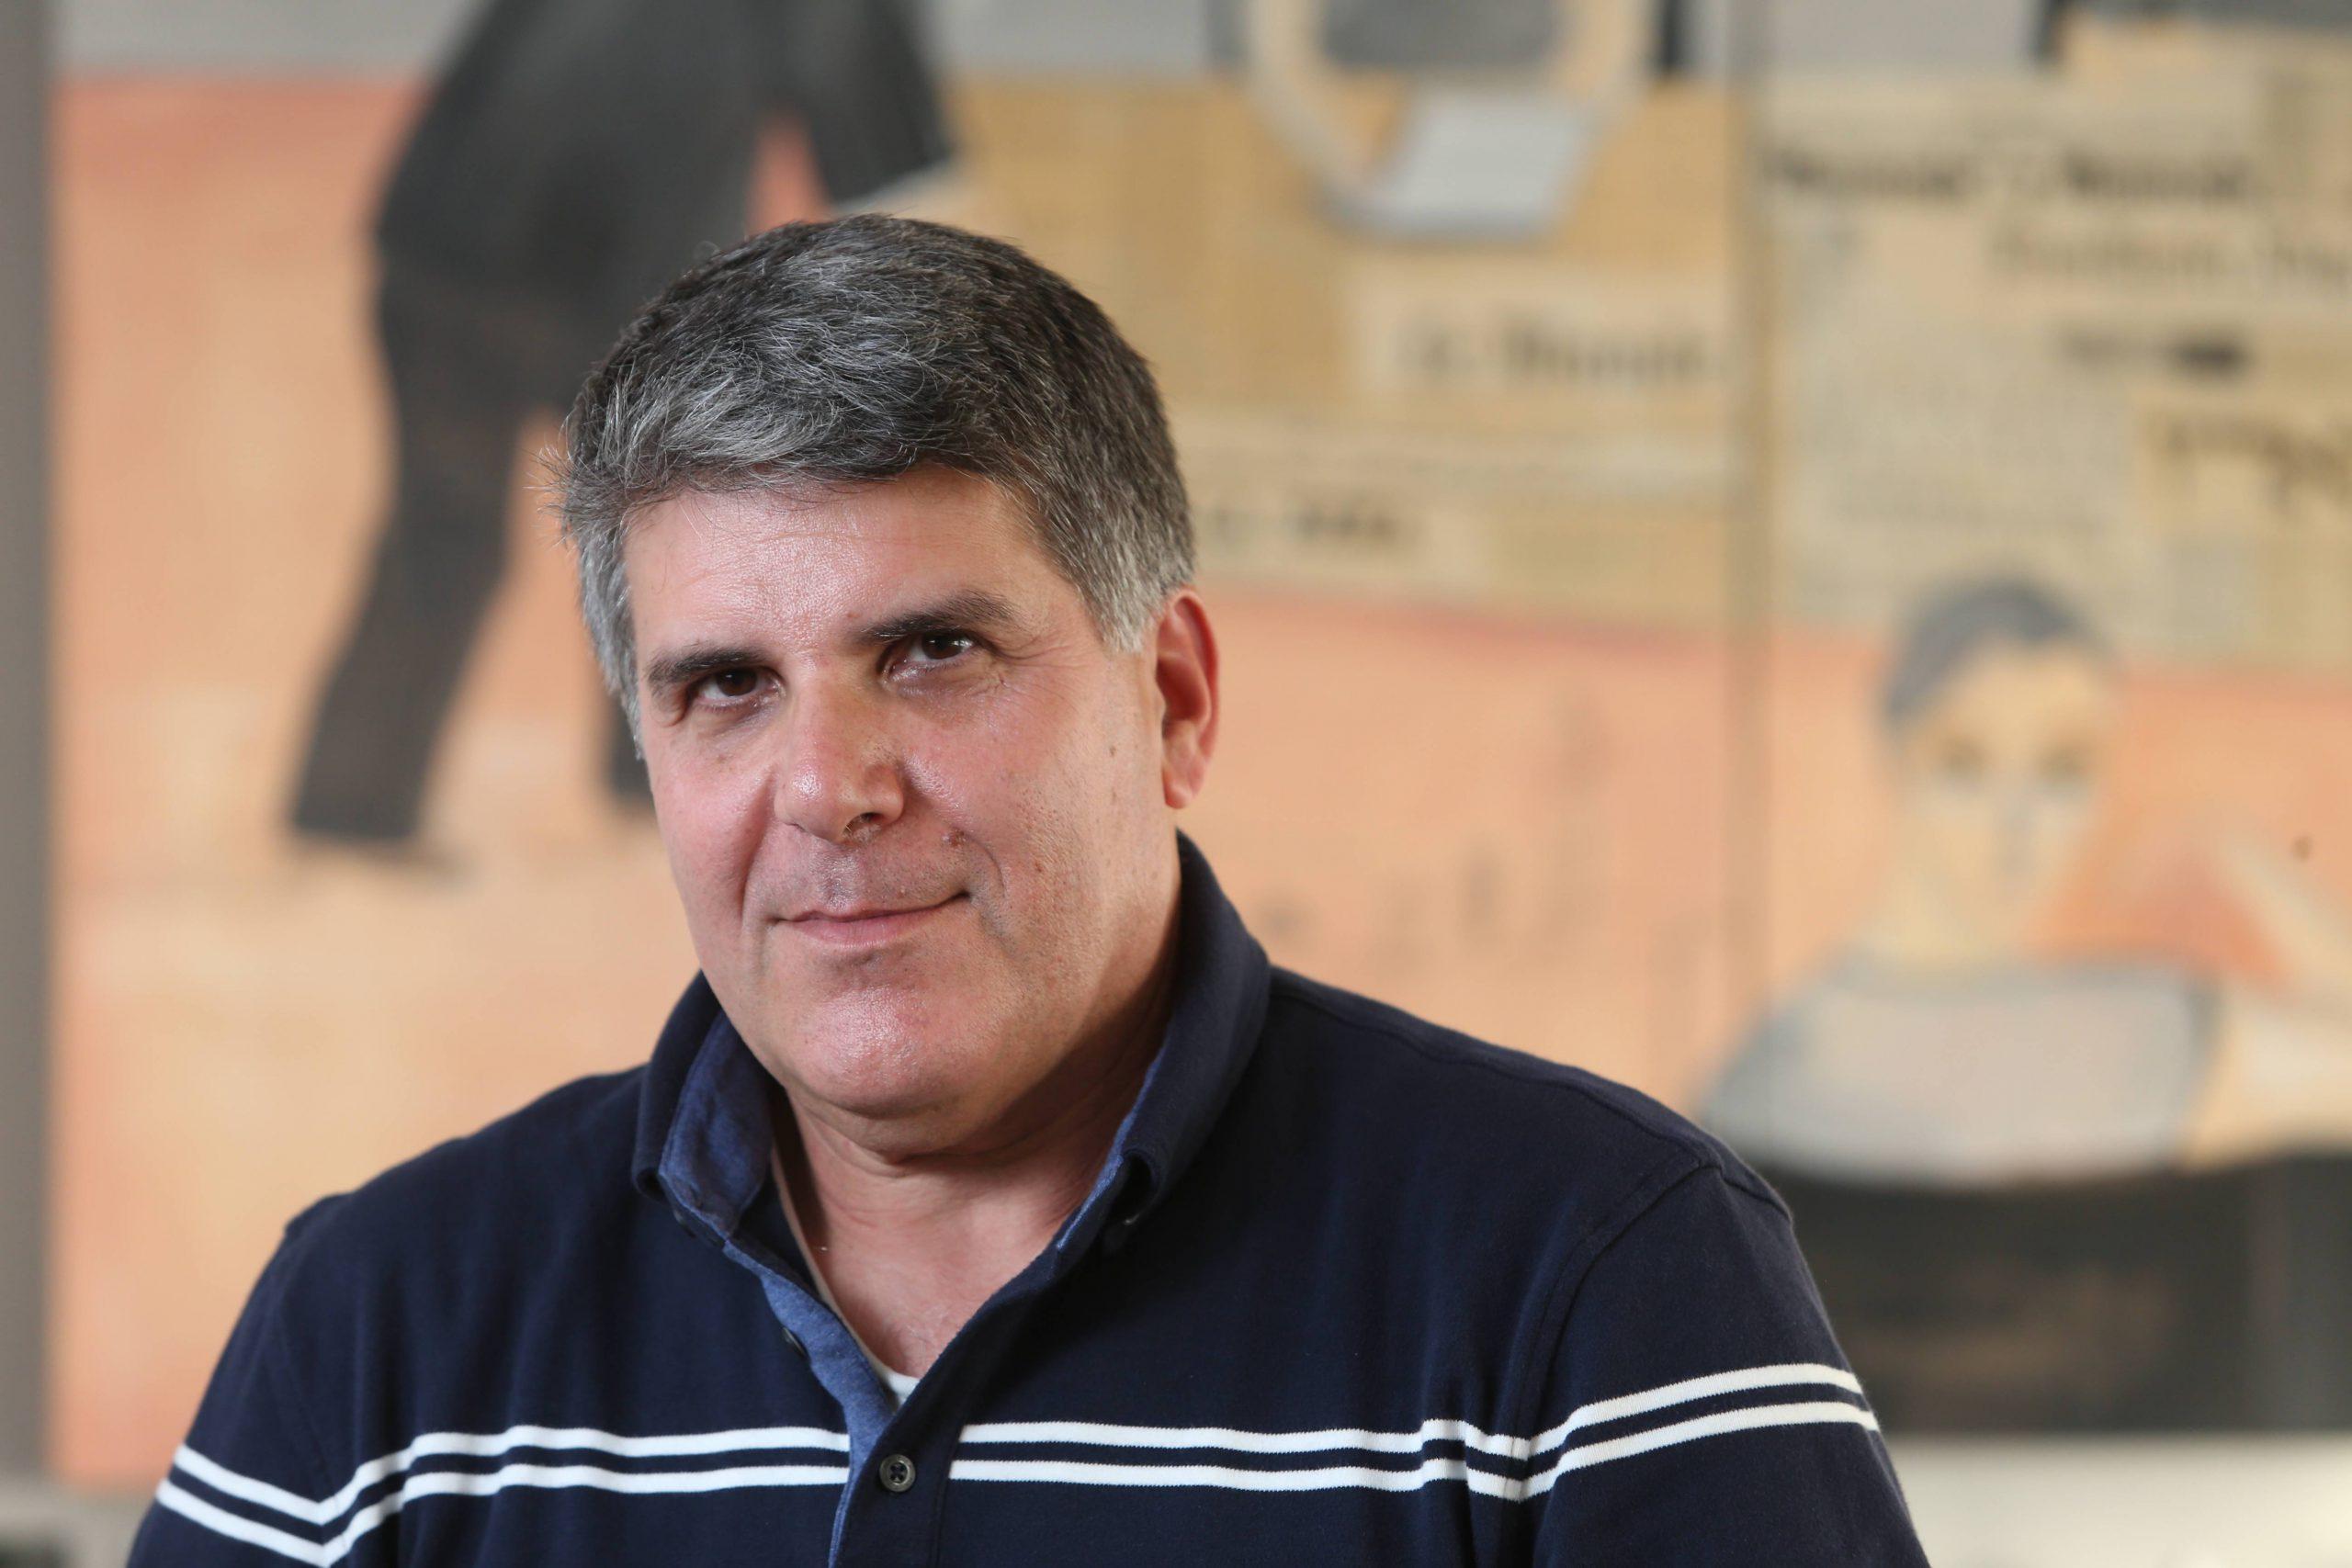 עופר גרינברגר מנכל אפלייד ,מטיריאלס ישראל קרדיט- אפלייד